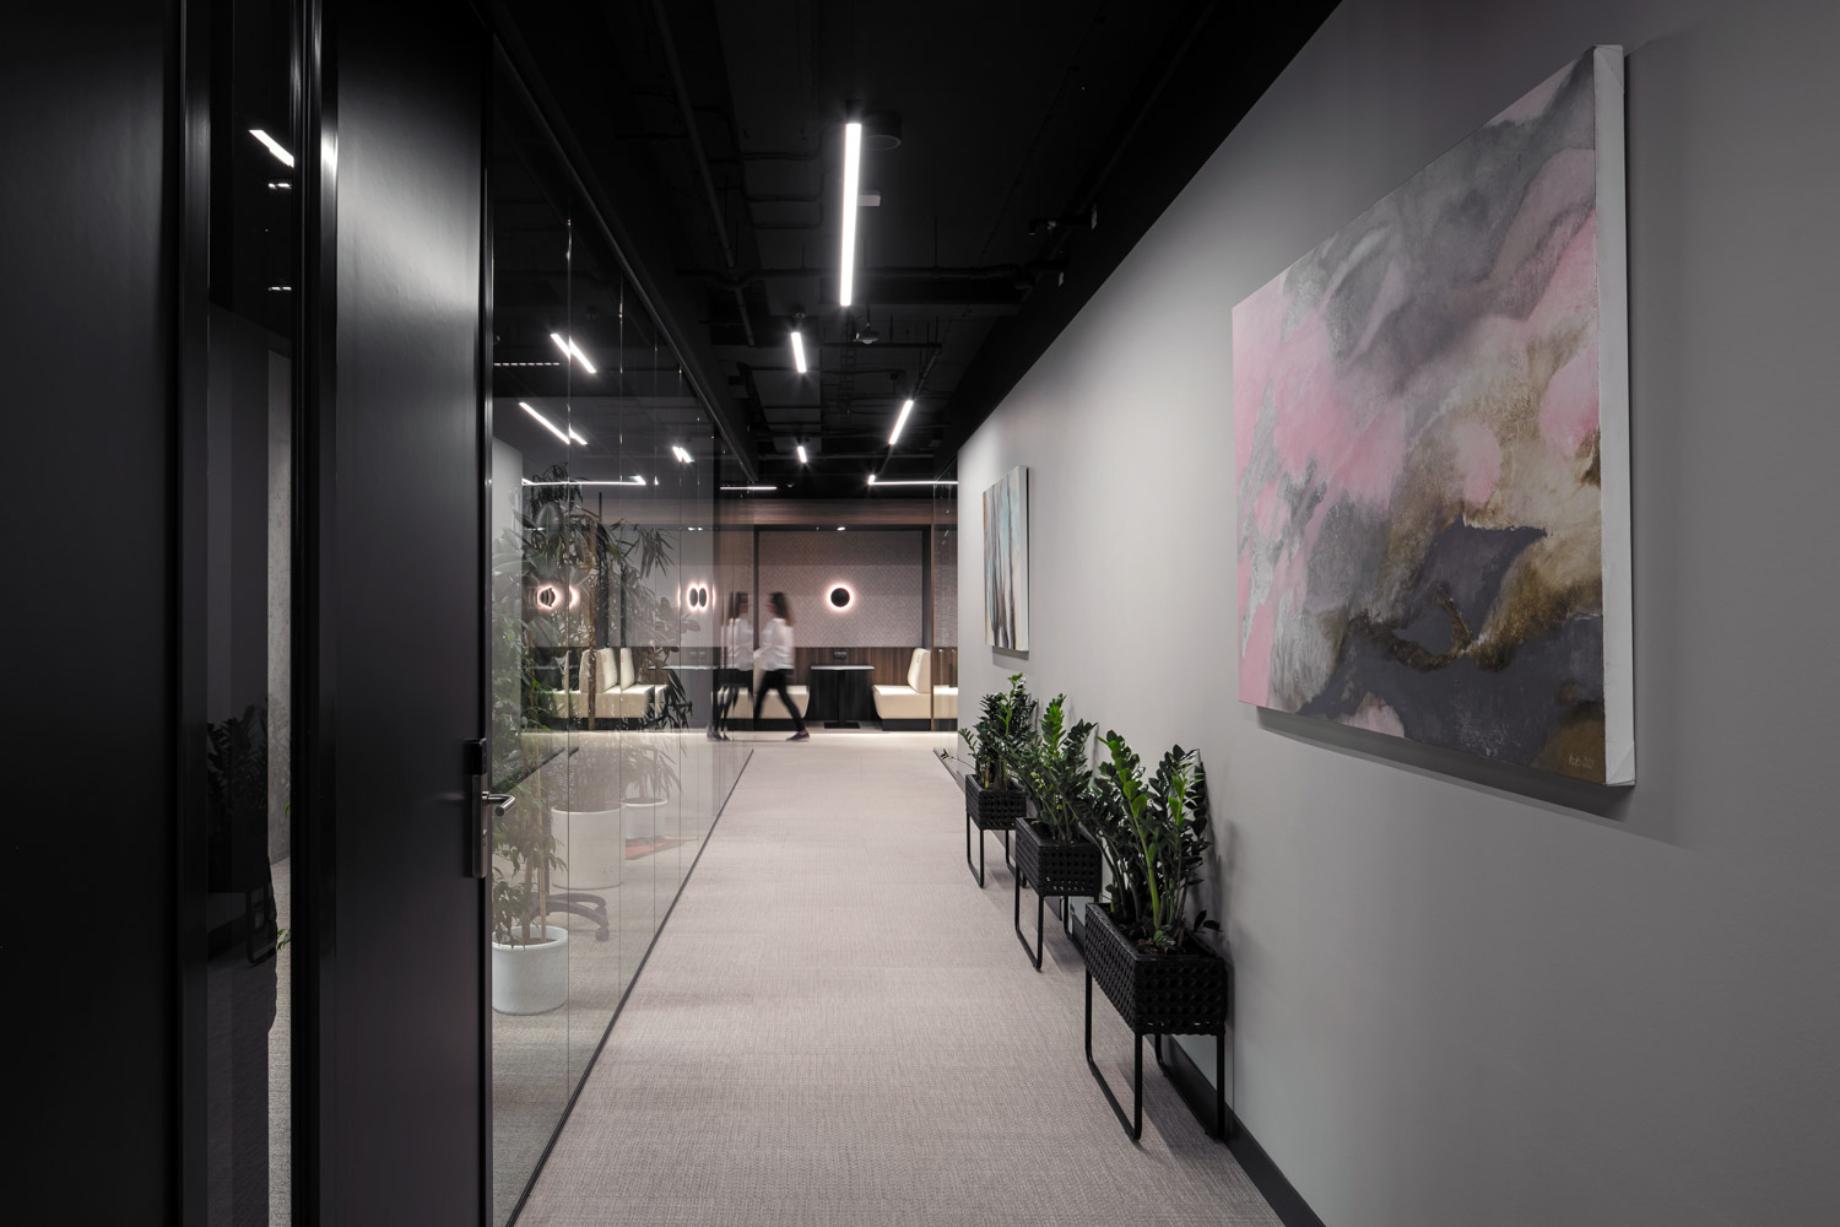 Long hallway with modern features shot by Jiri Lizler for Scott Weber